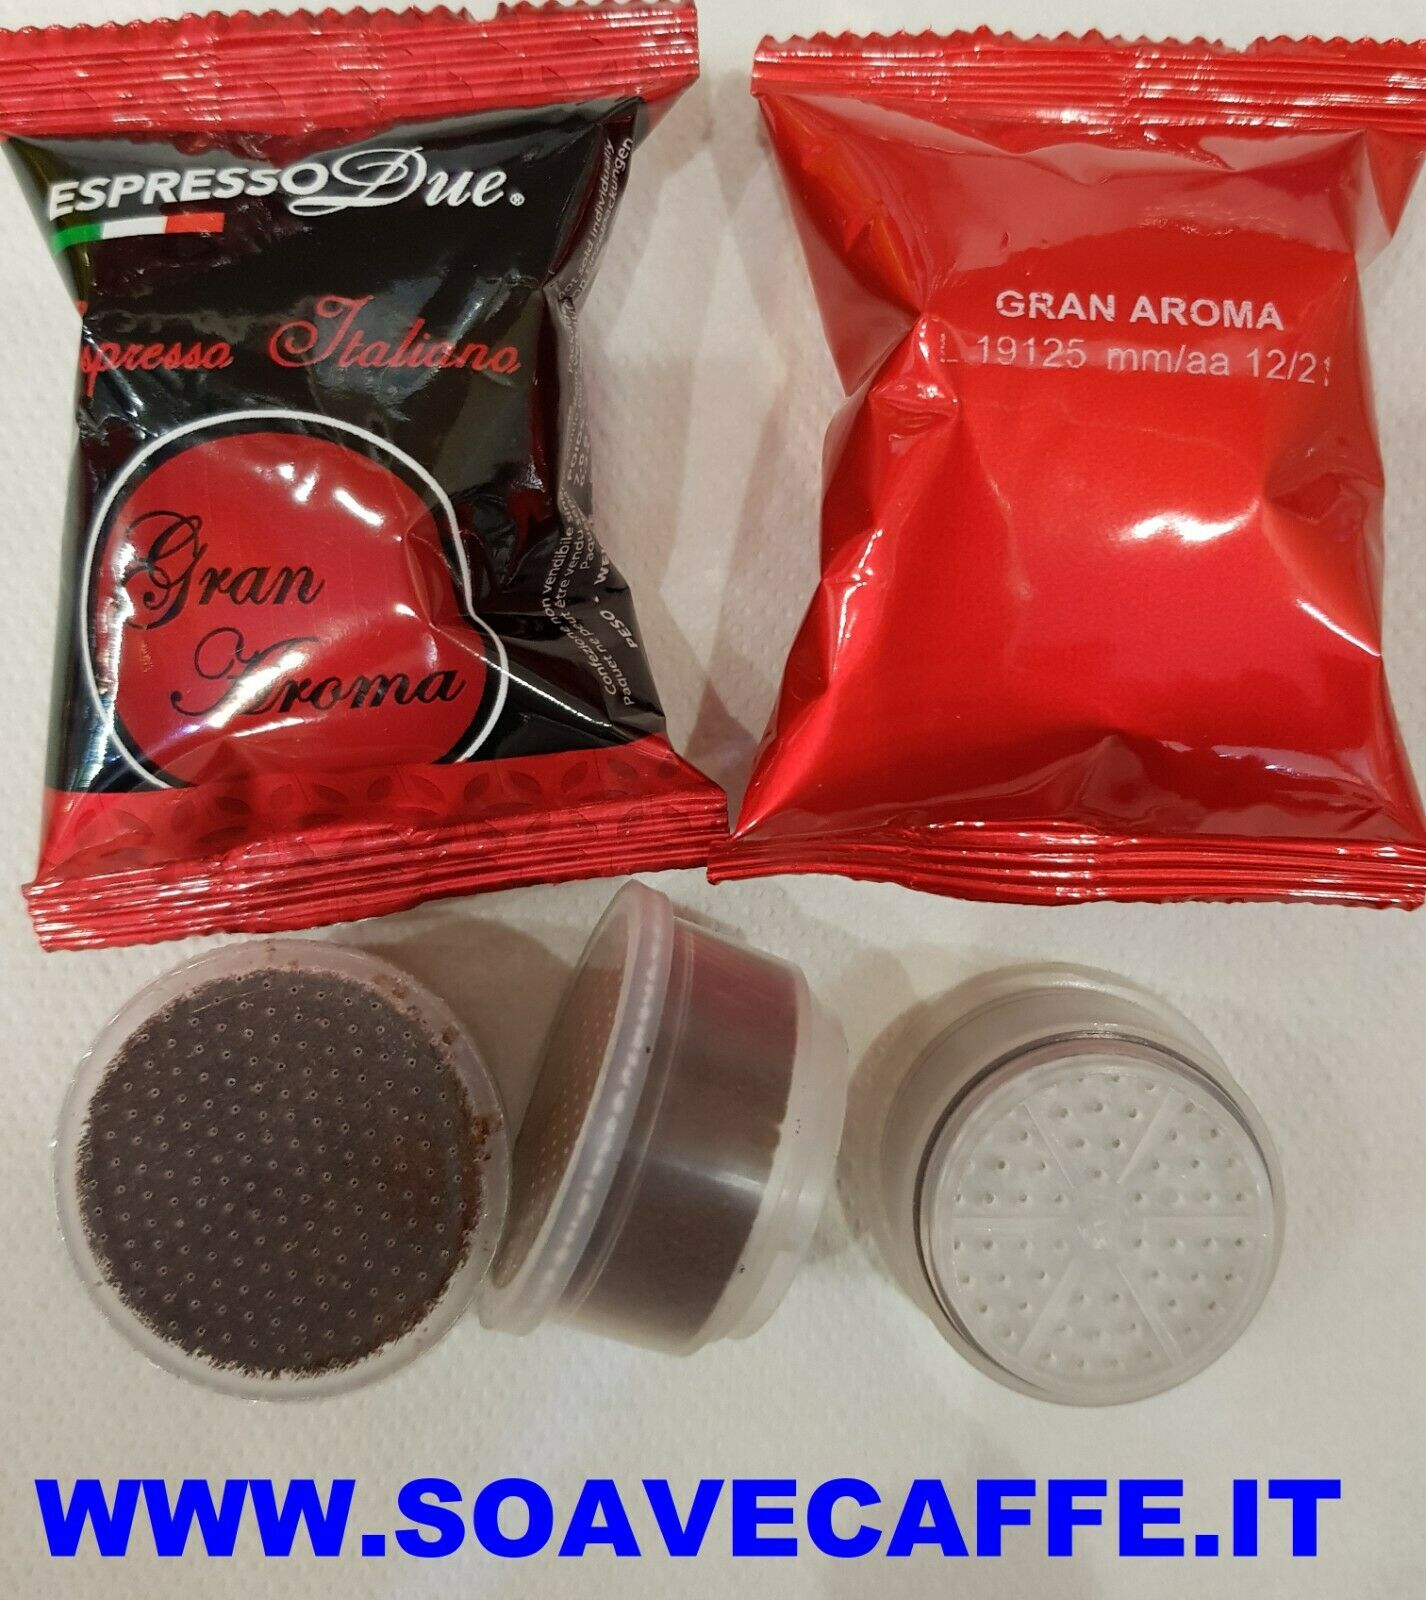 100 Capsule Caffè' Espresso Due Gran Aroma per Macchine easy 315-321 E SIMPLY